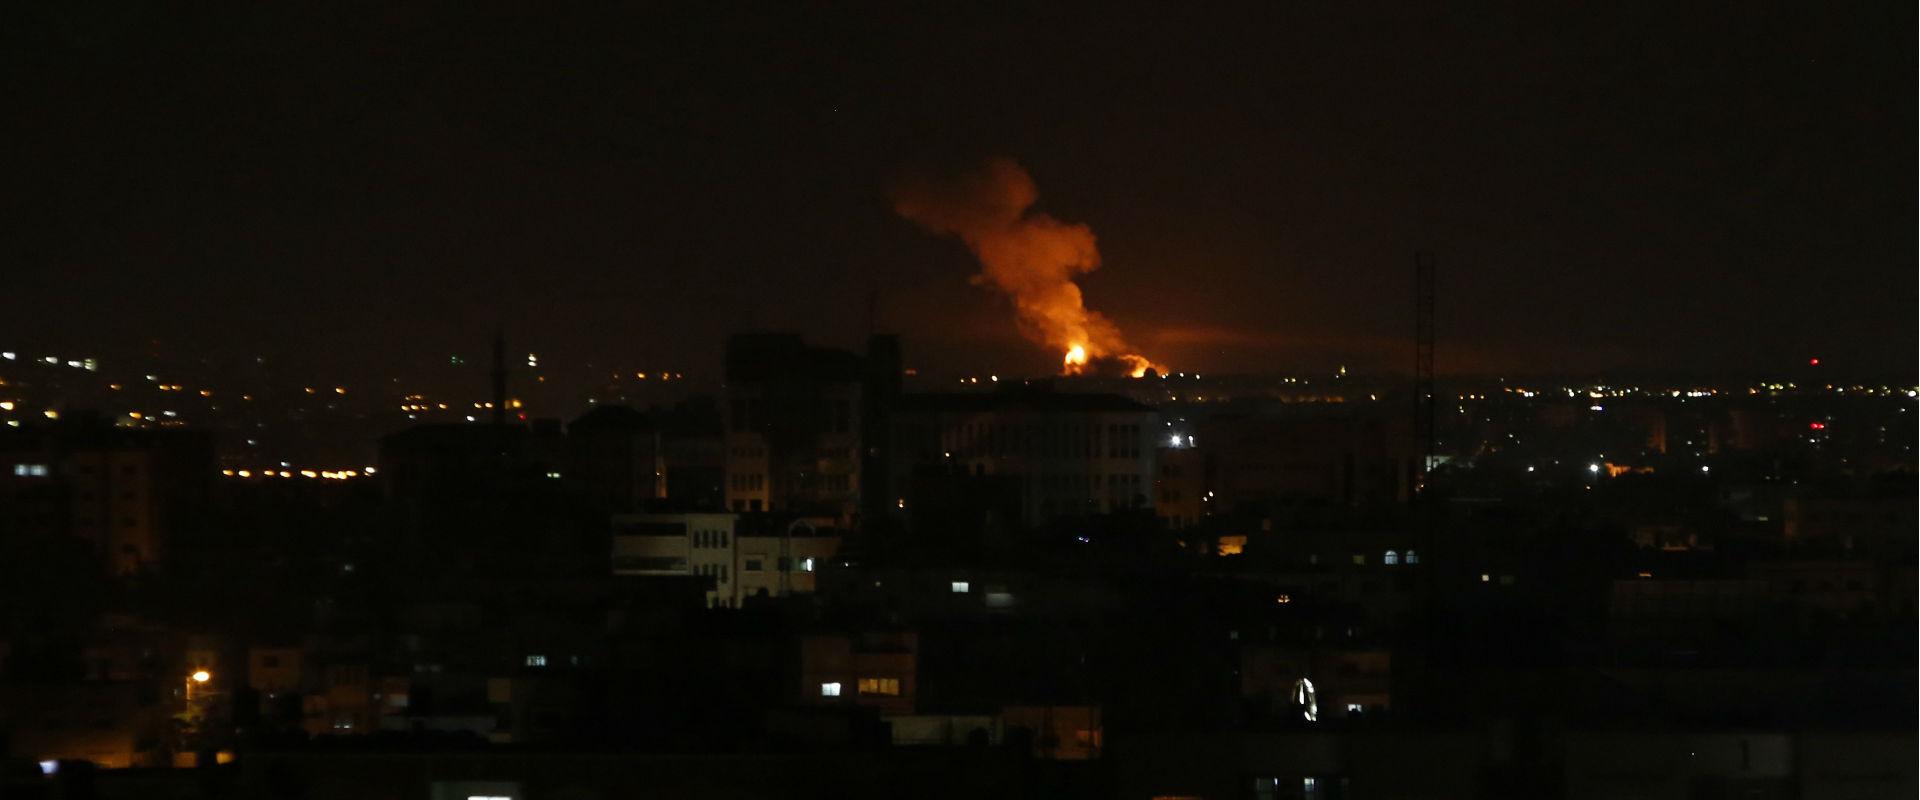 תקיפה ישראלית בעזה, בחודש שעבר